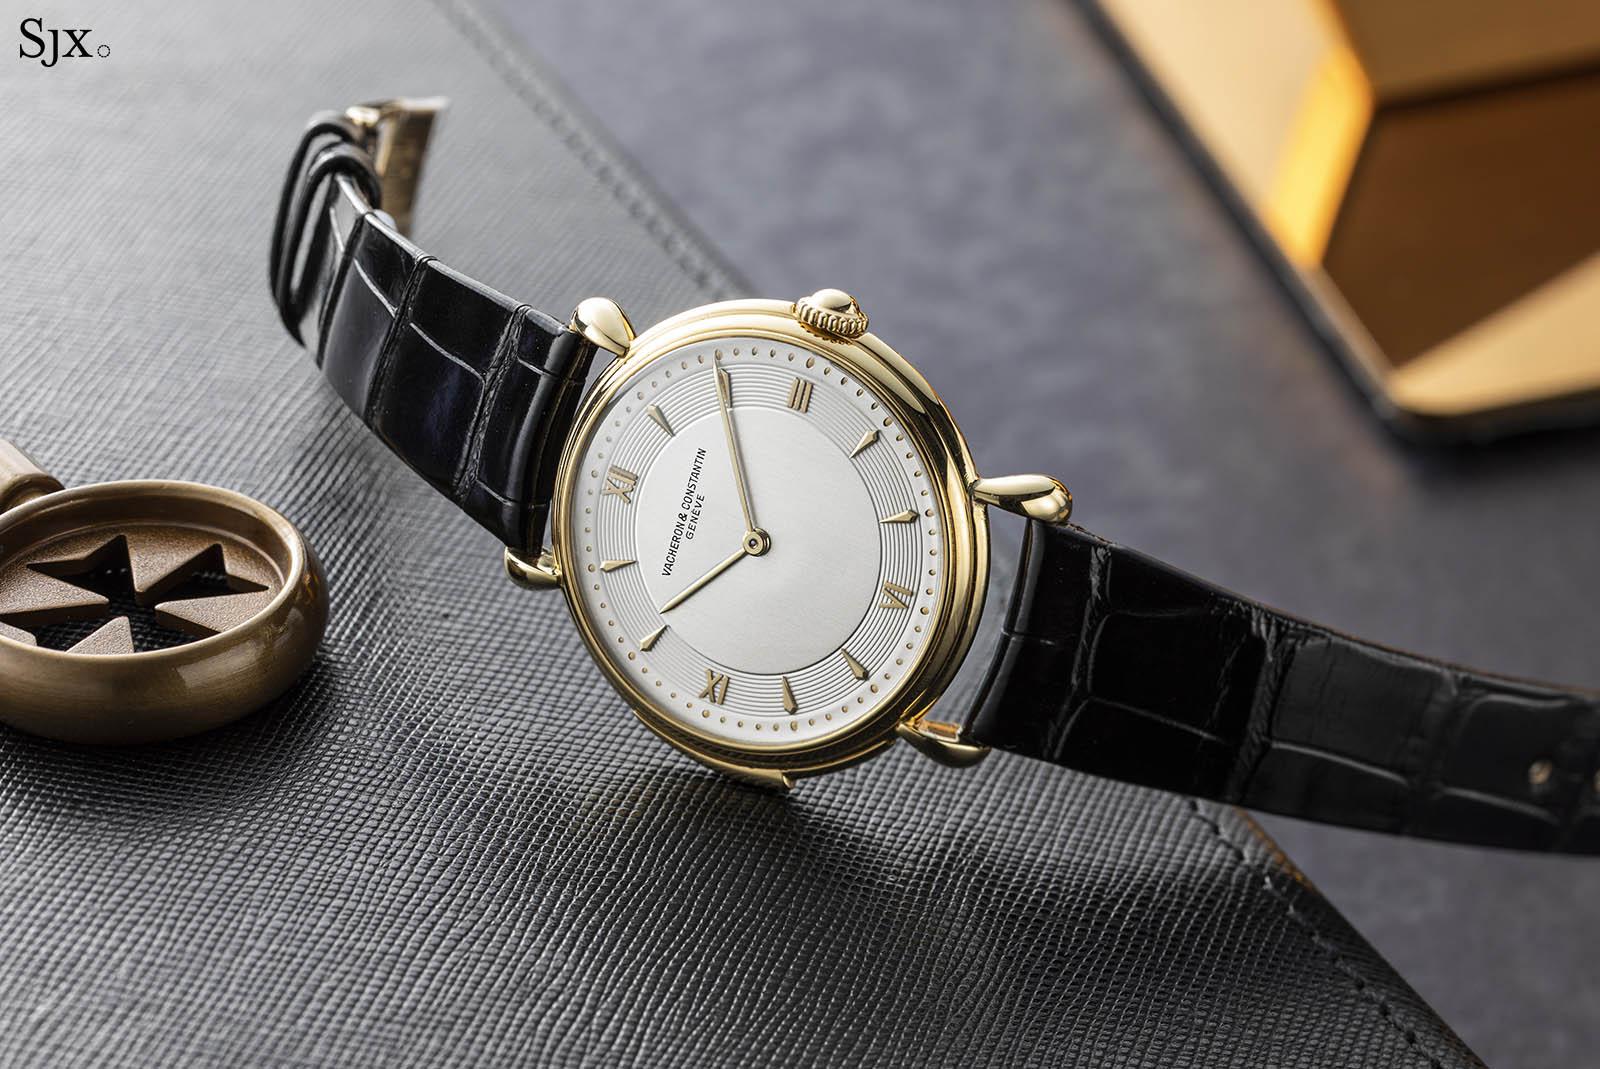 Vacheron Constantin Les Collectionneurs in Singapore | SJX Watches